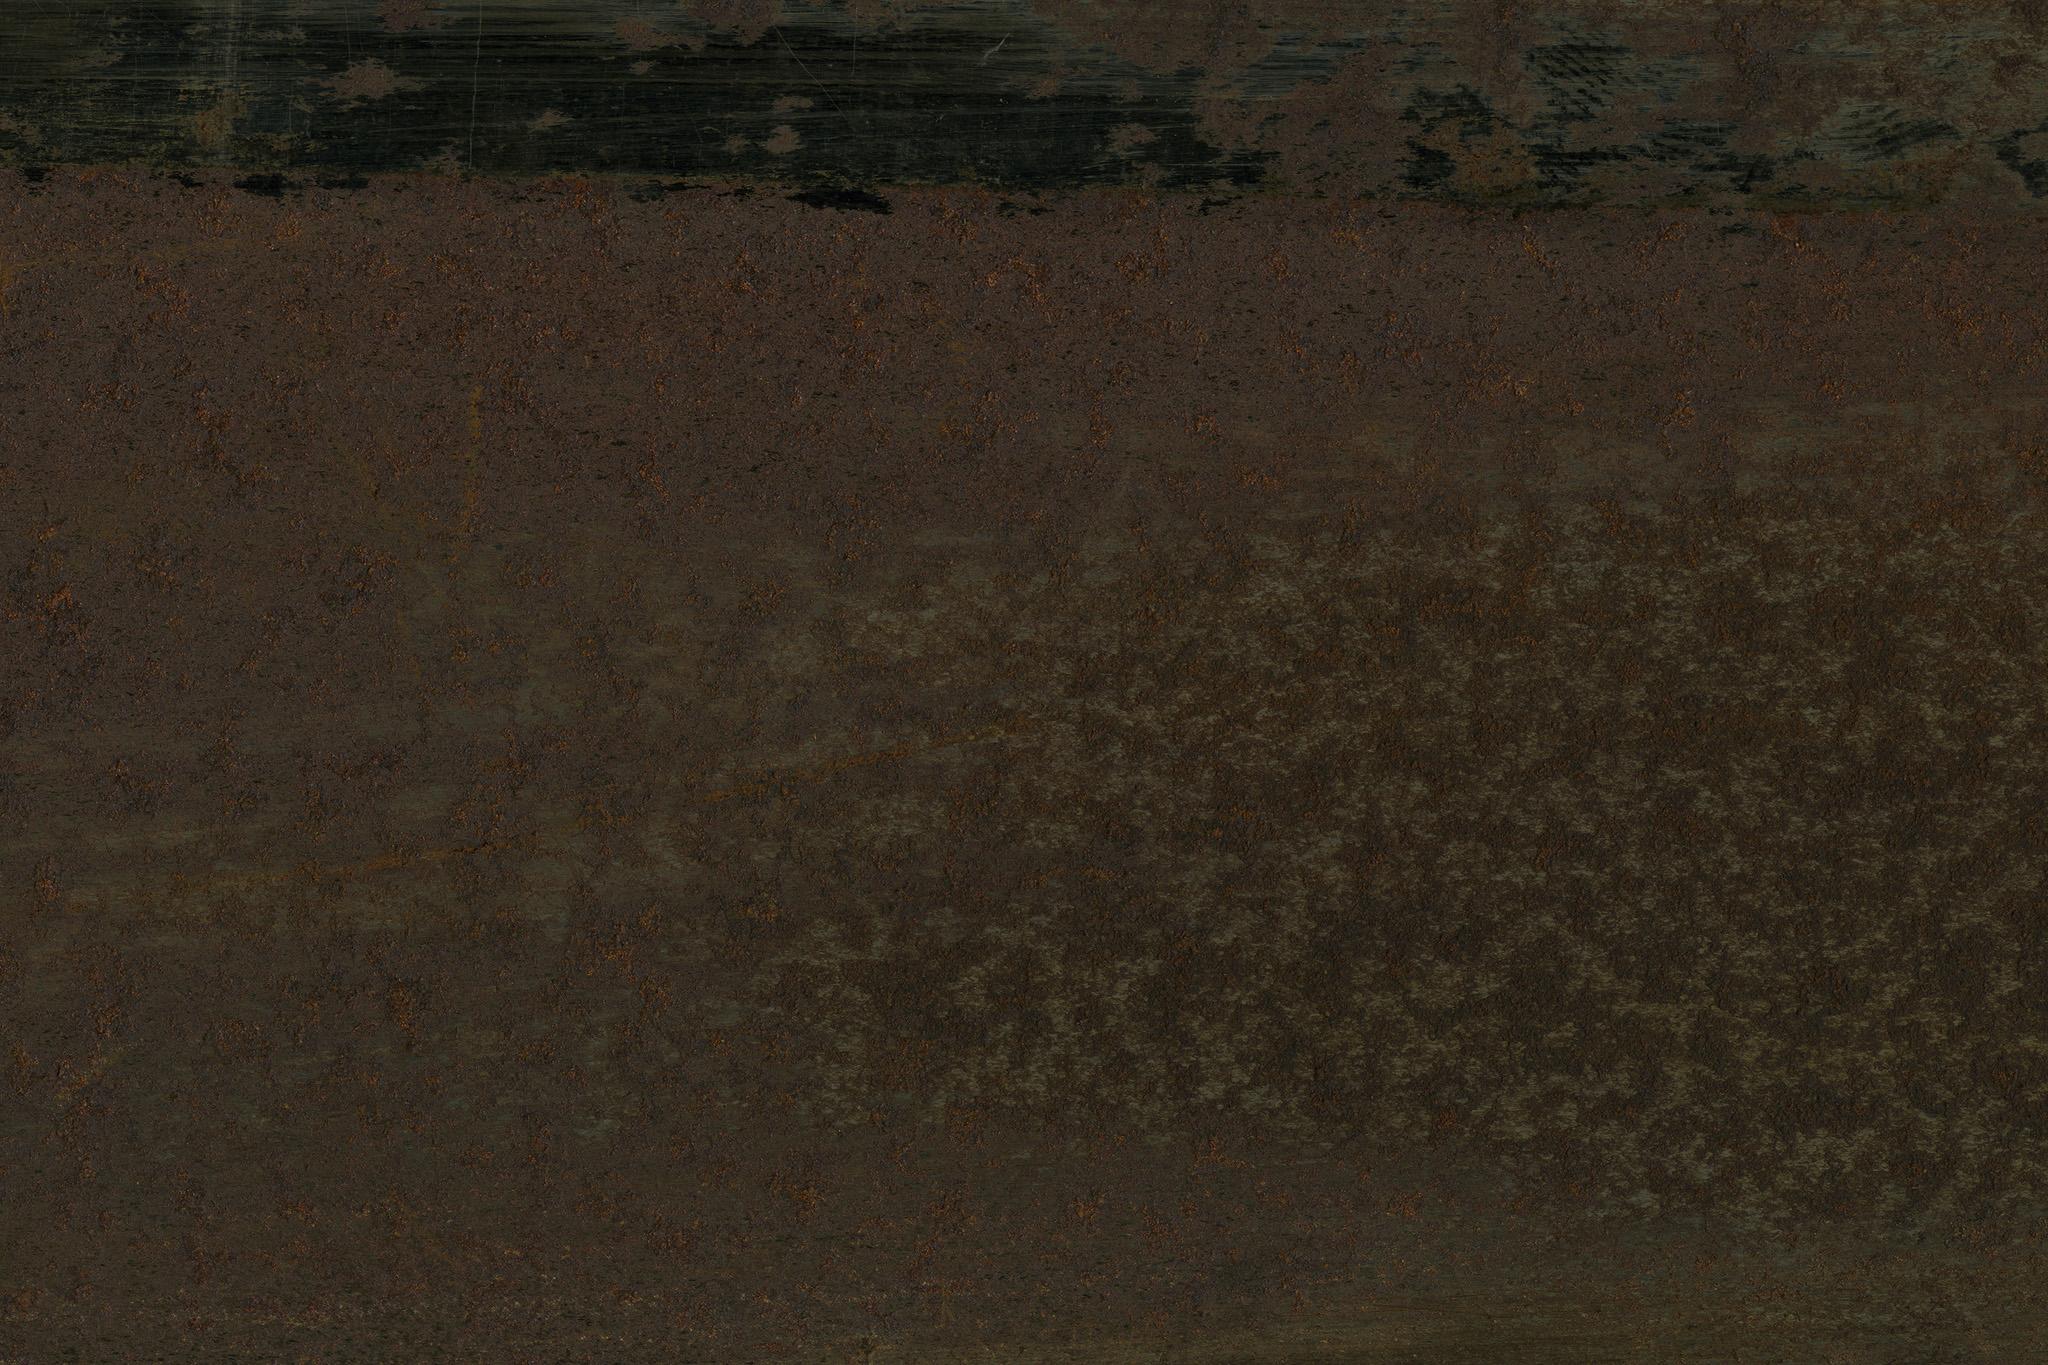 サビと汚れで腐食した金属